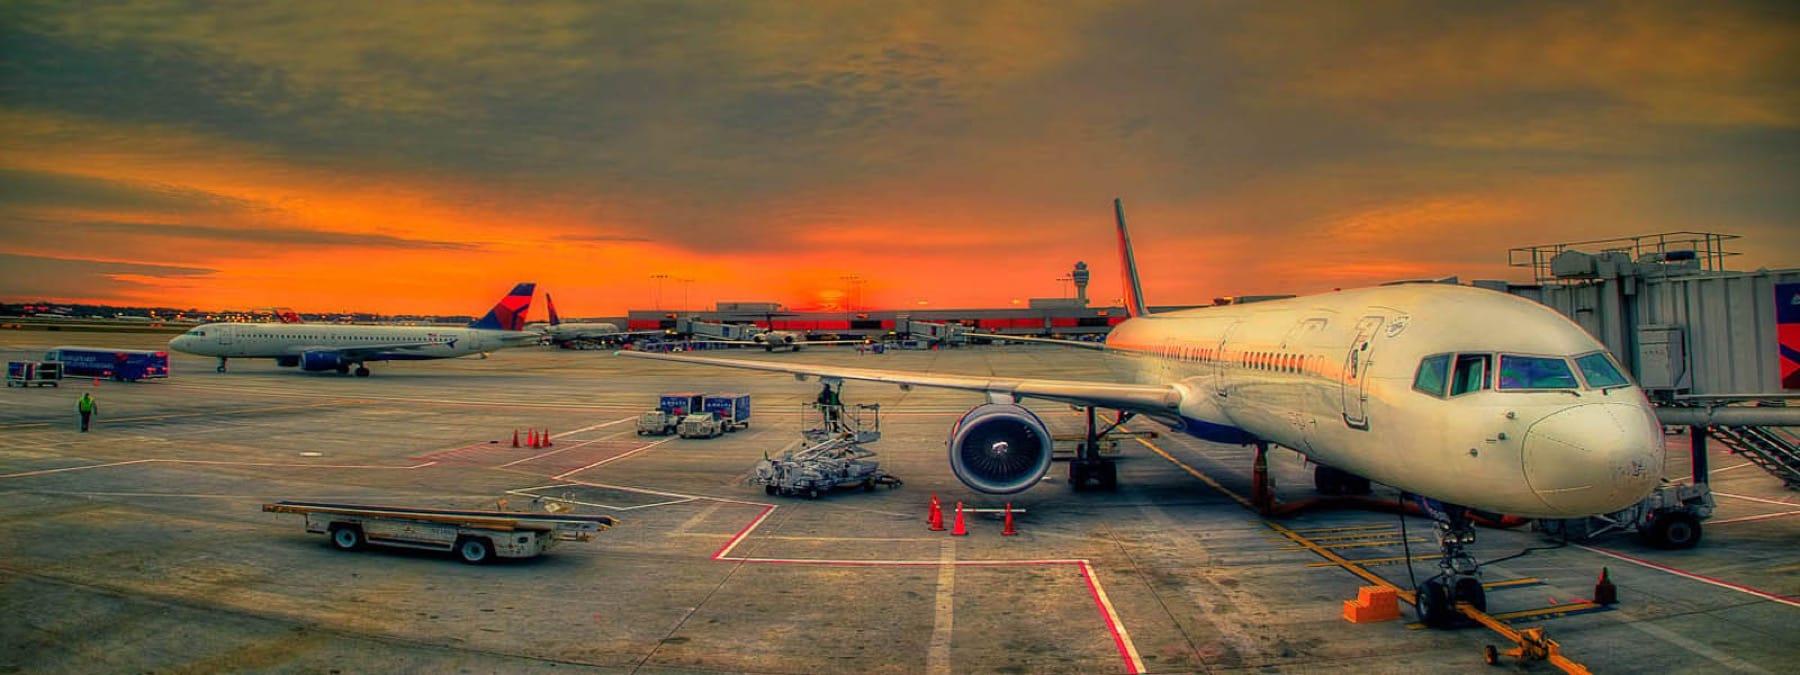 Airport Durban